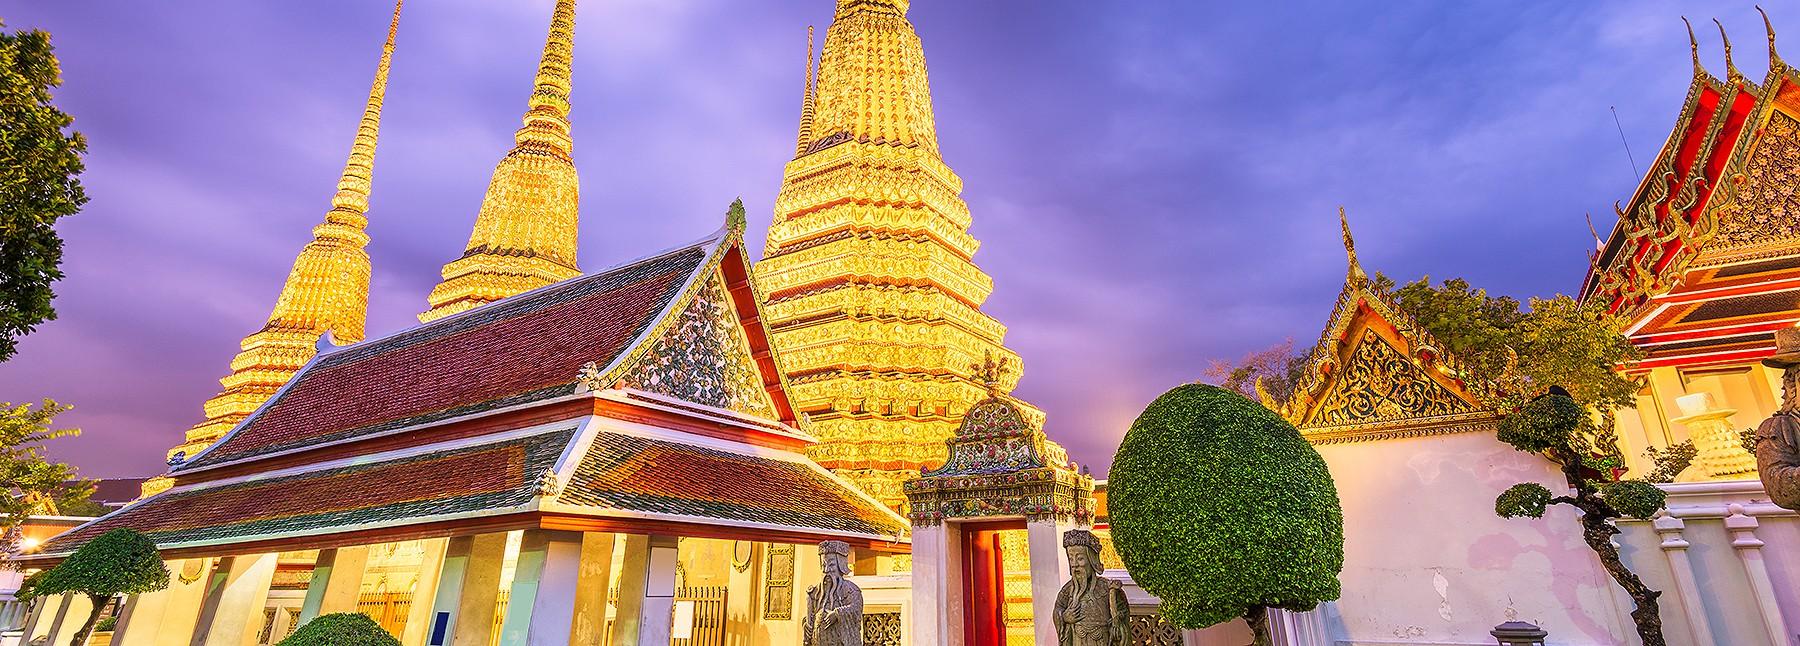 temples-in-bangkok